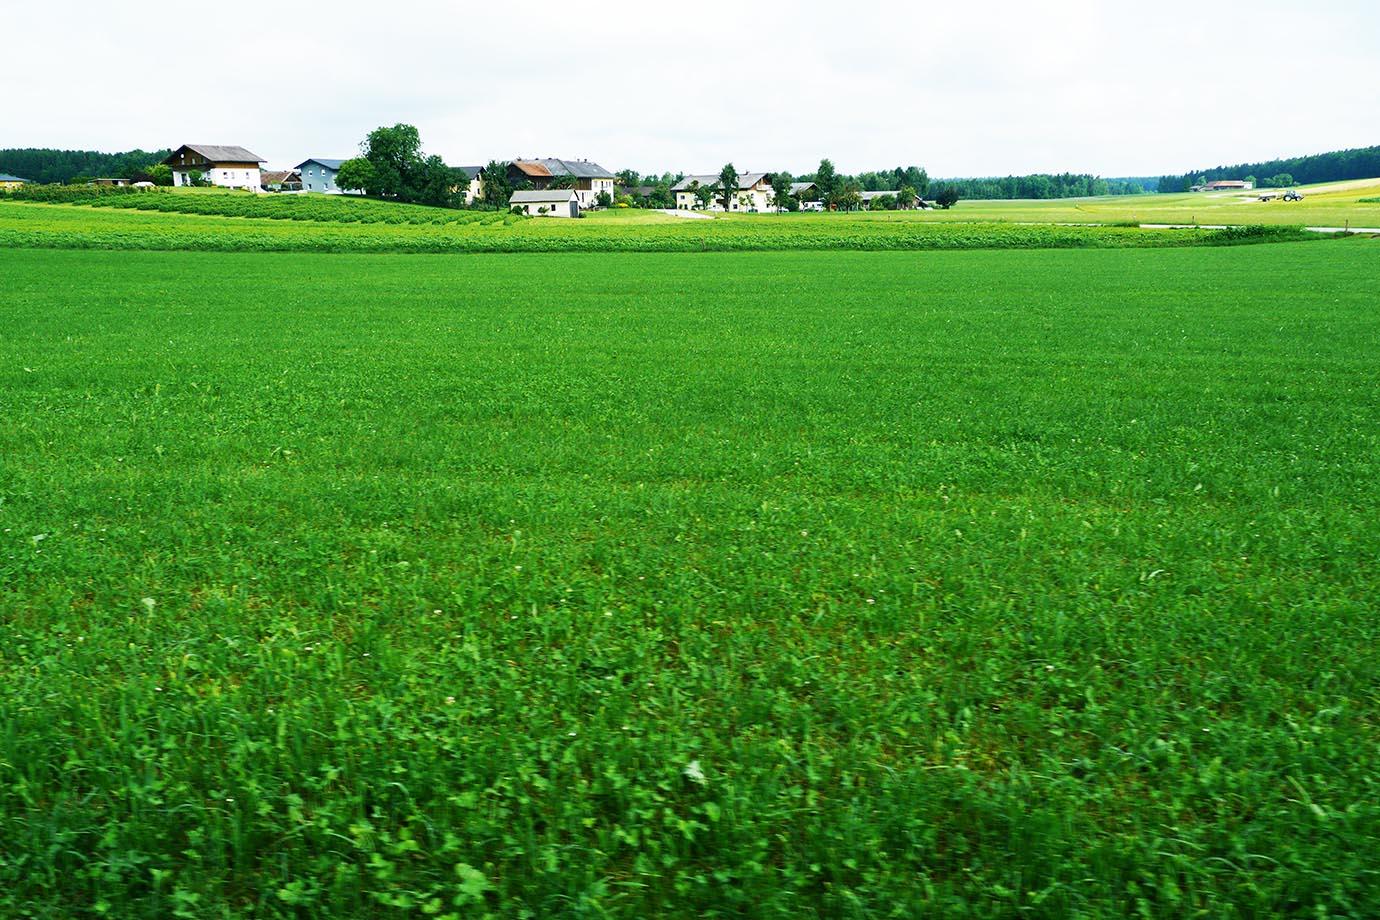 healed-in-an-austrian-village4